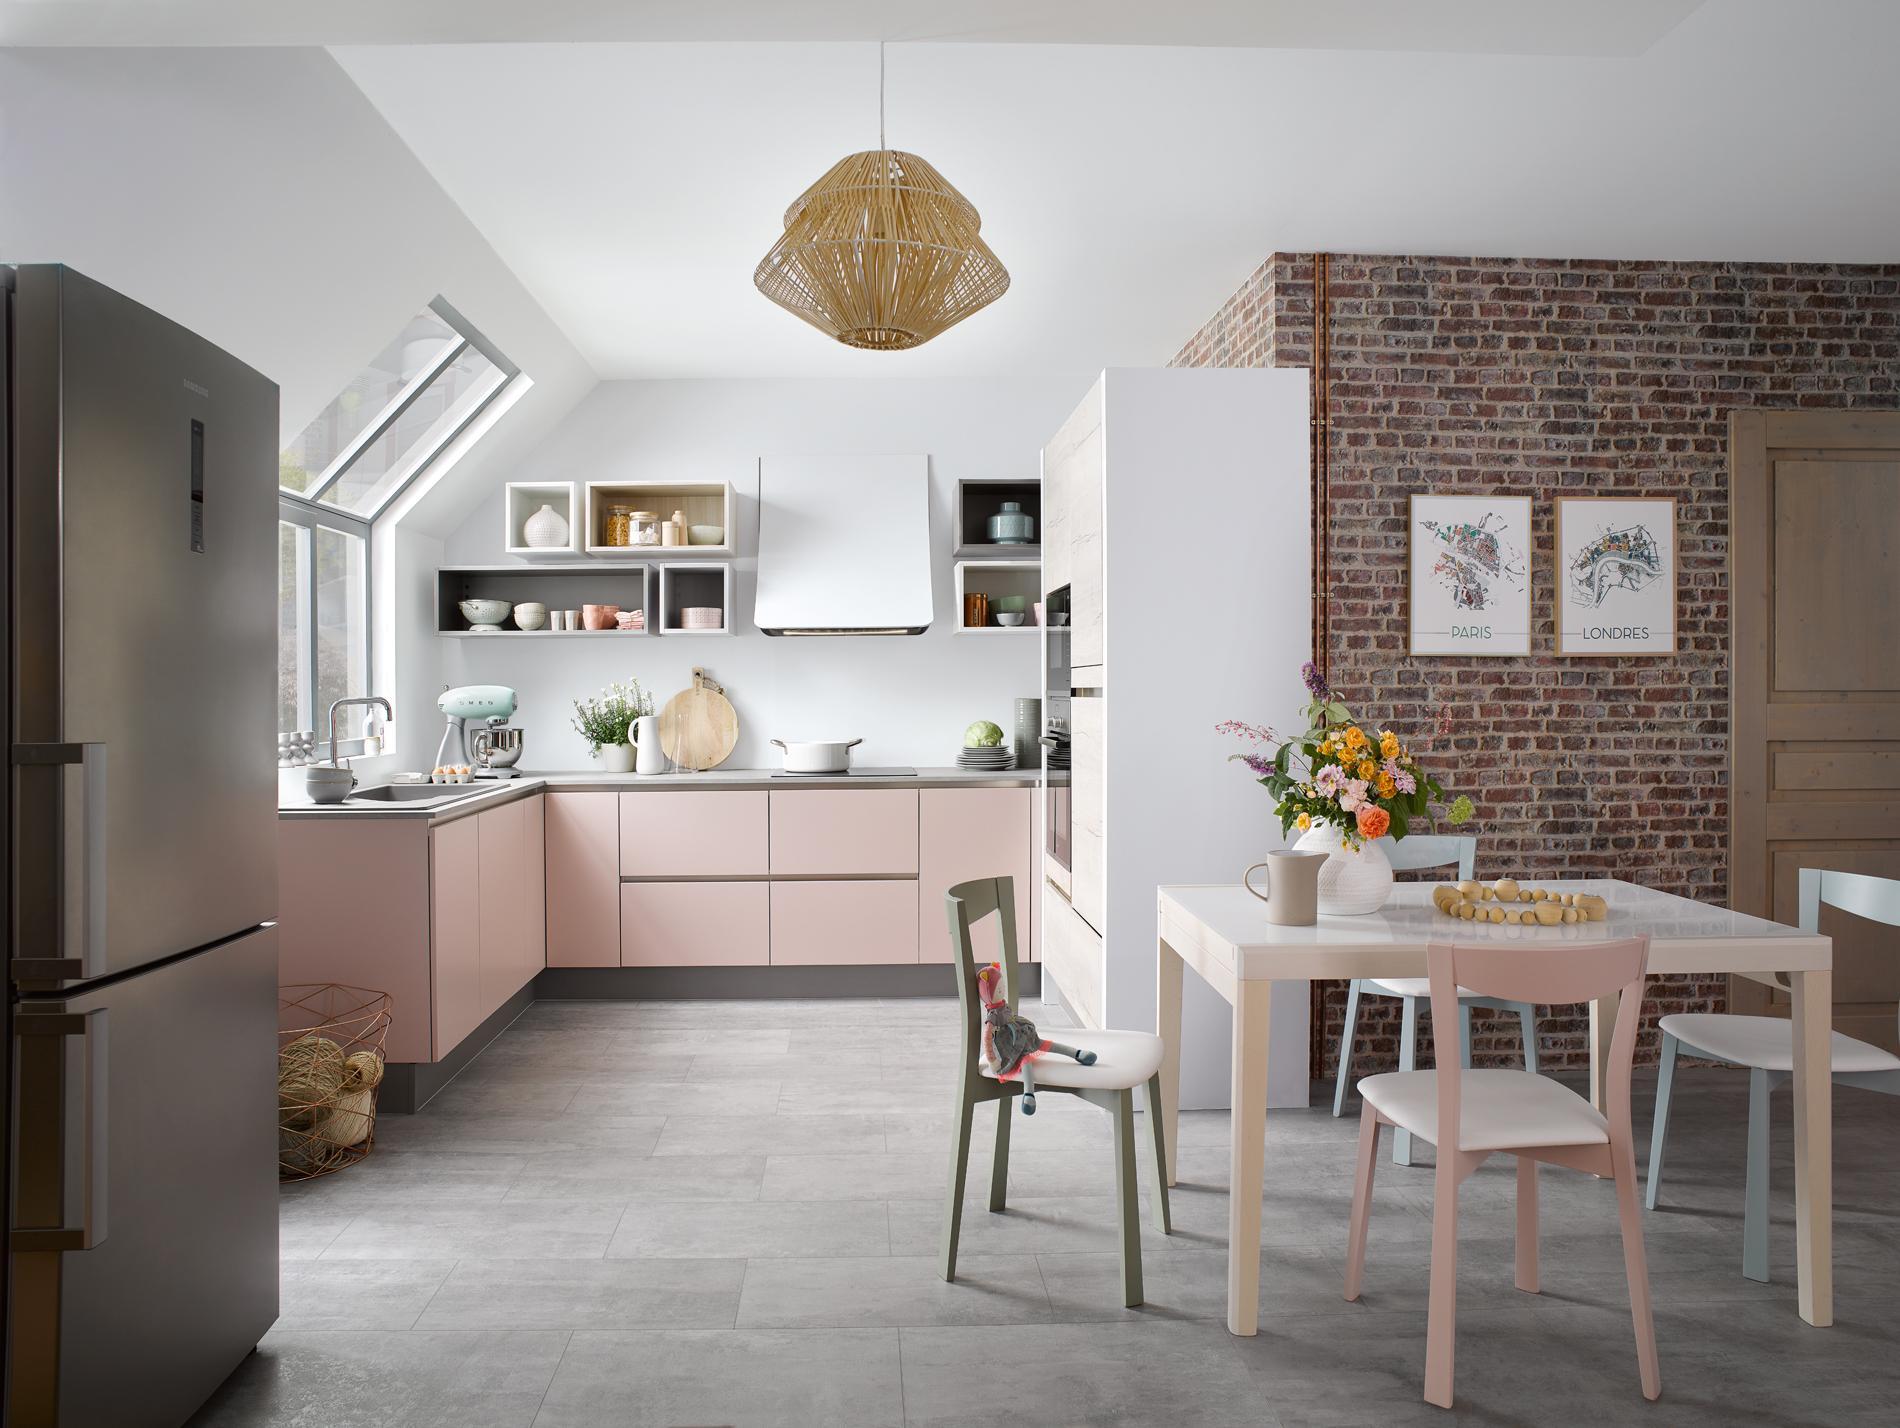 Les 18 commandements pour embellir une cuisine ouverte - Madame Figaro